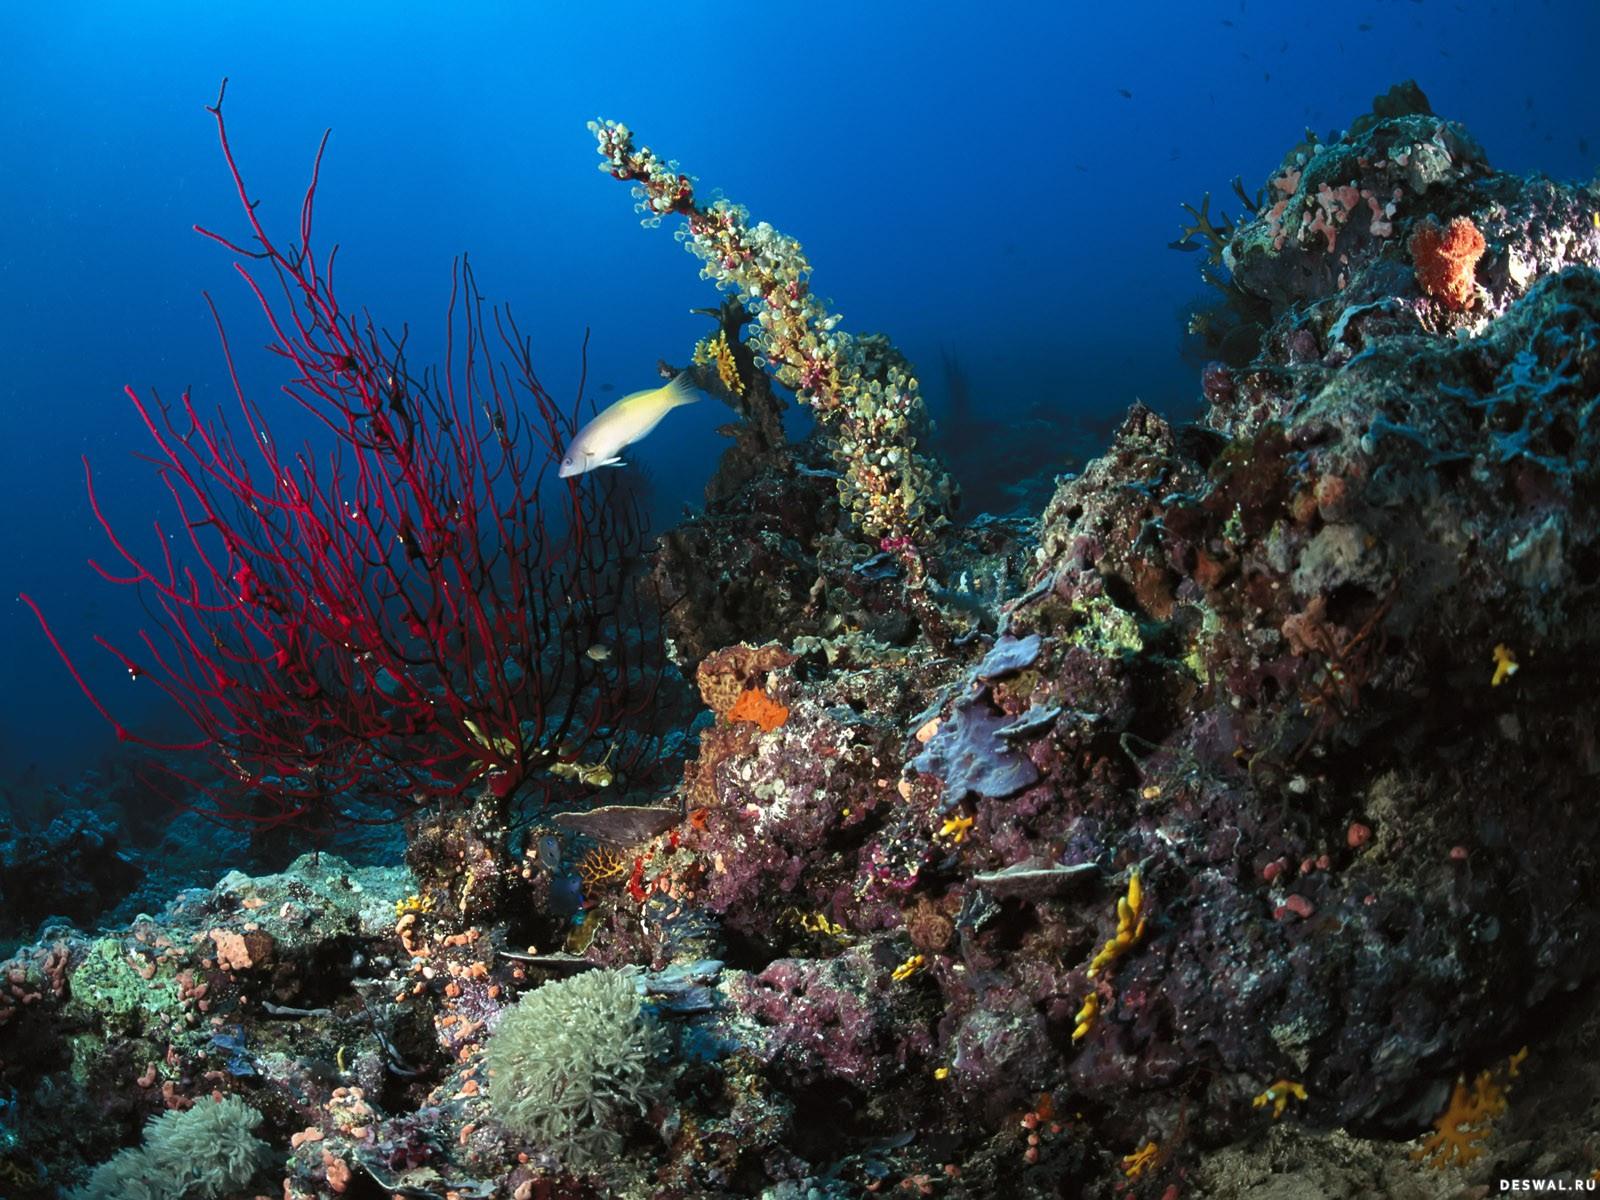 Фото 77. Нажмите на картинку с обоями подводного мира, чтобы просмотреть ее в реальном размере